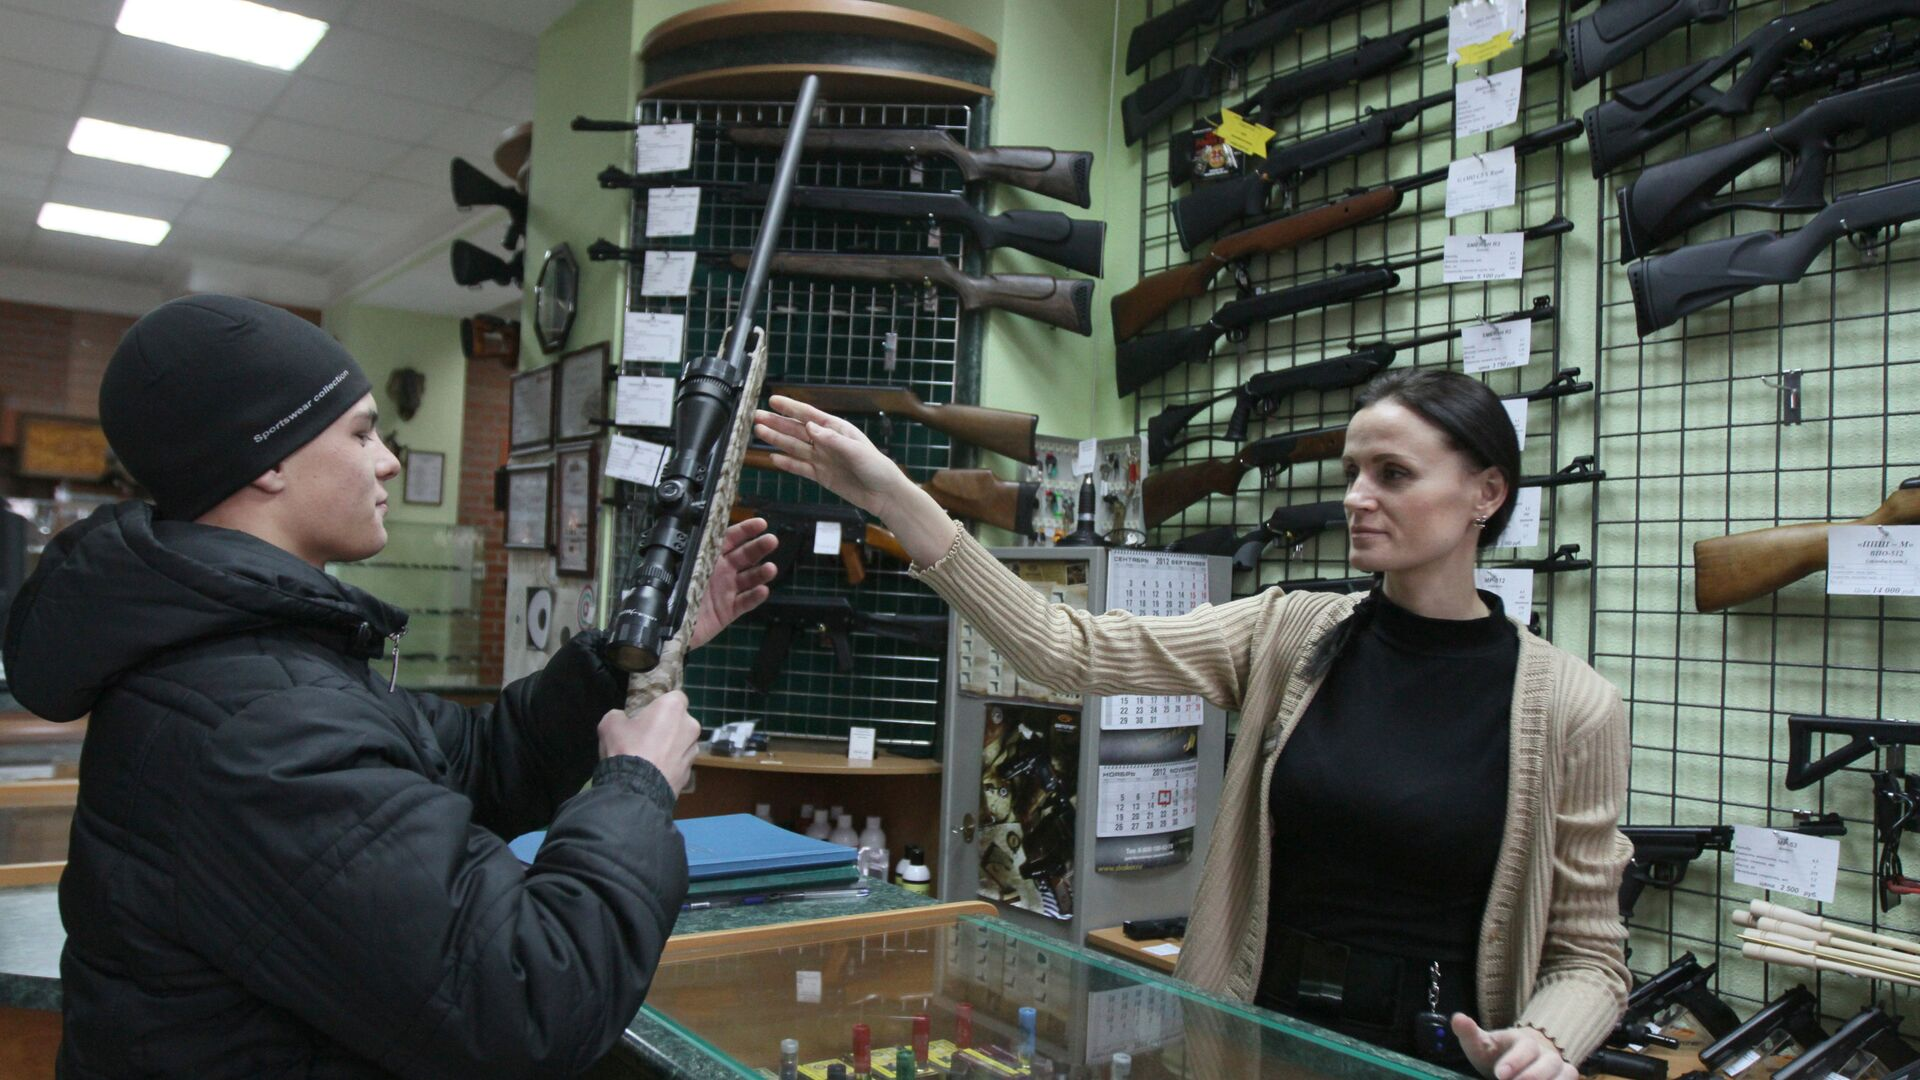 Продавец консультирует покупателя в оружейном магазине - РИА Новости, 1920, 05.11.2020